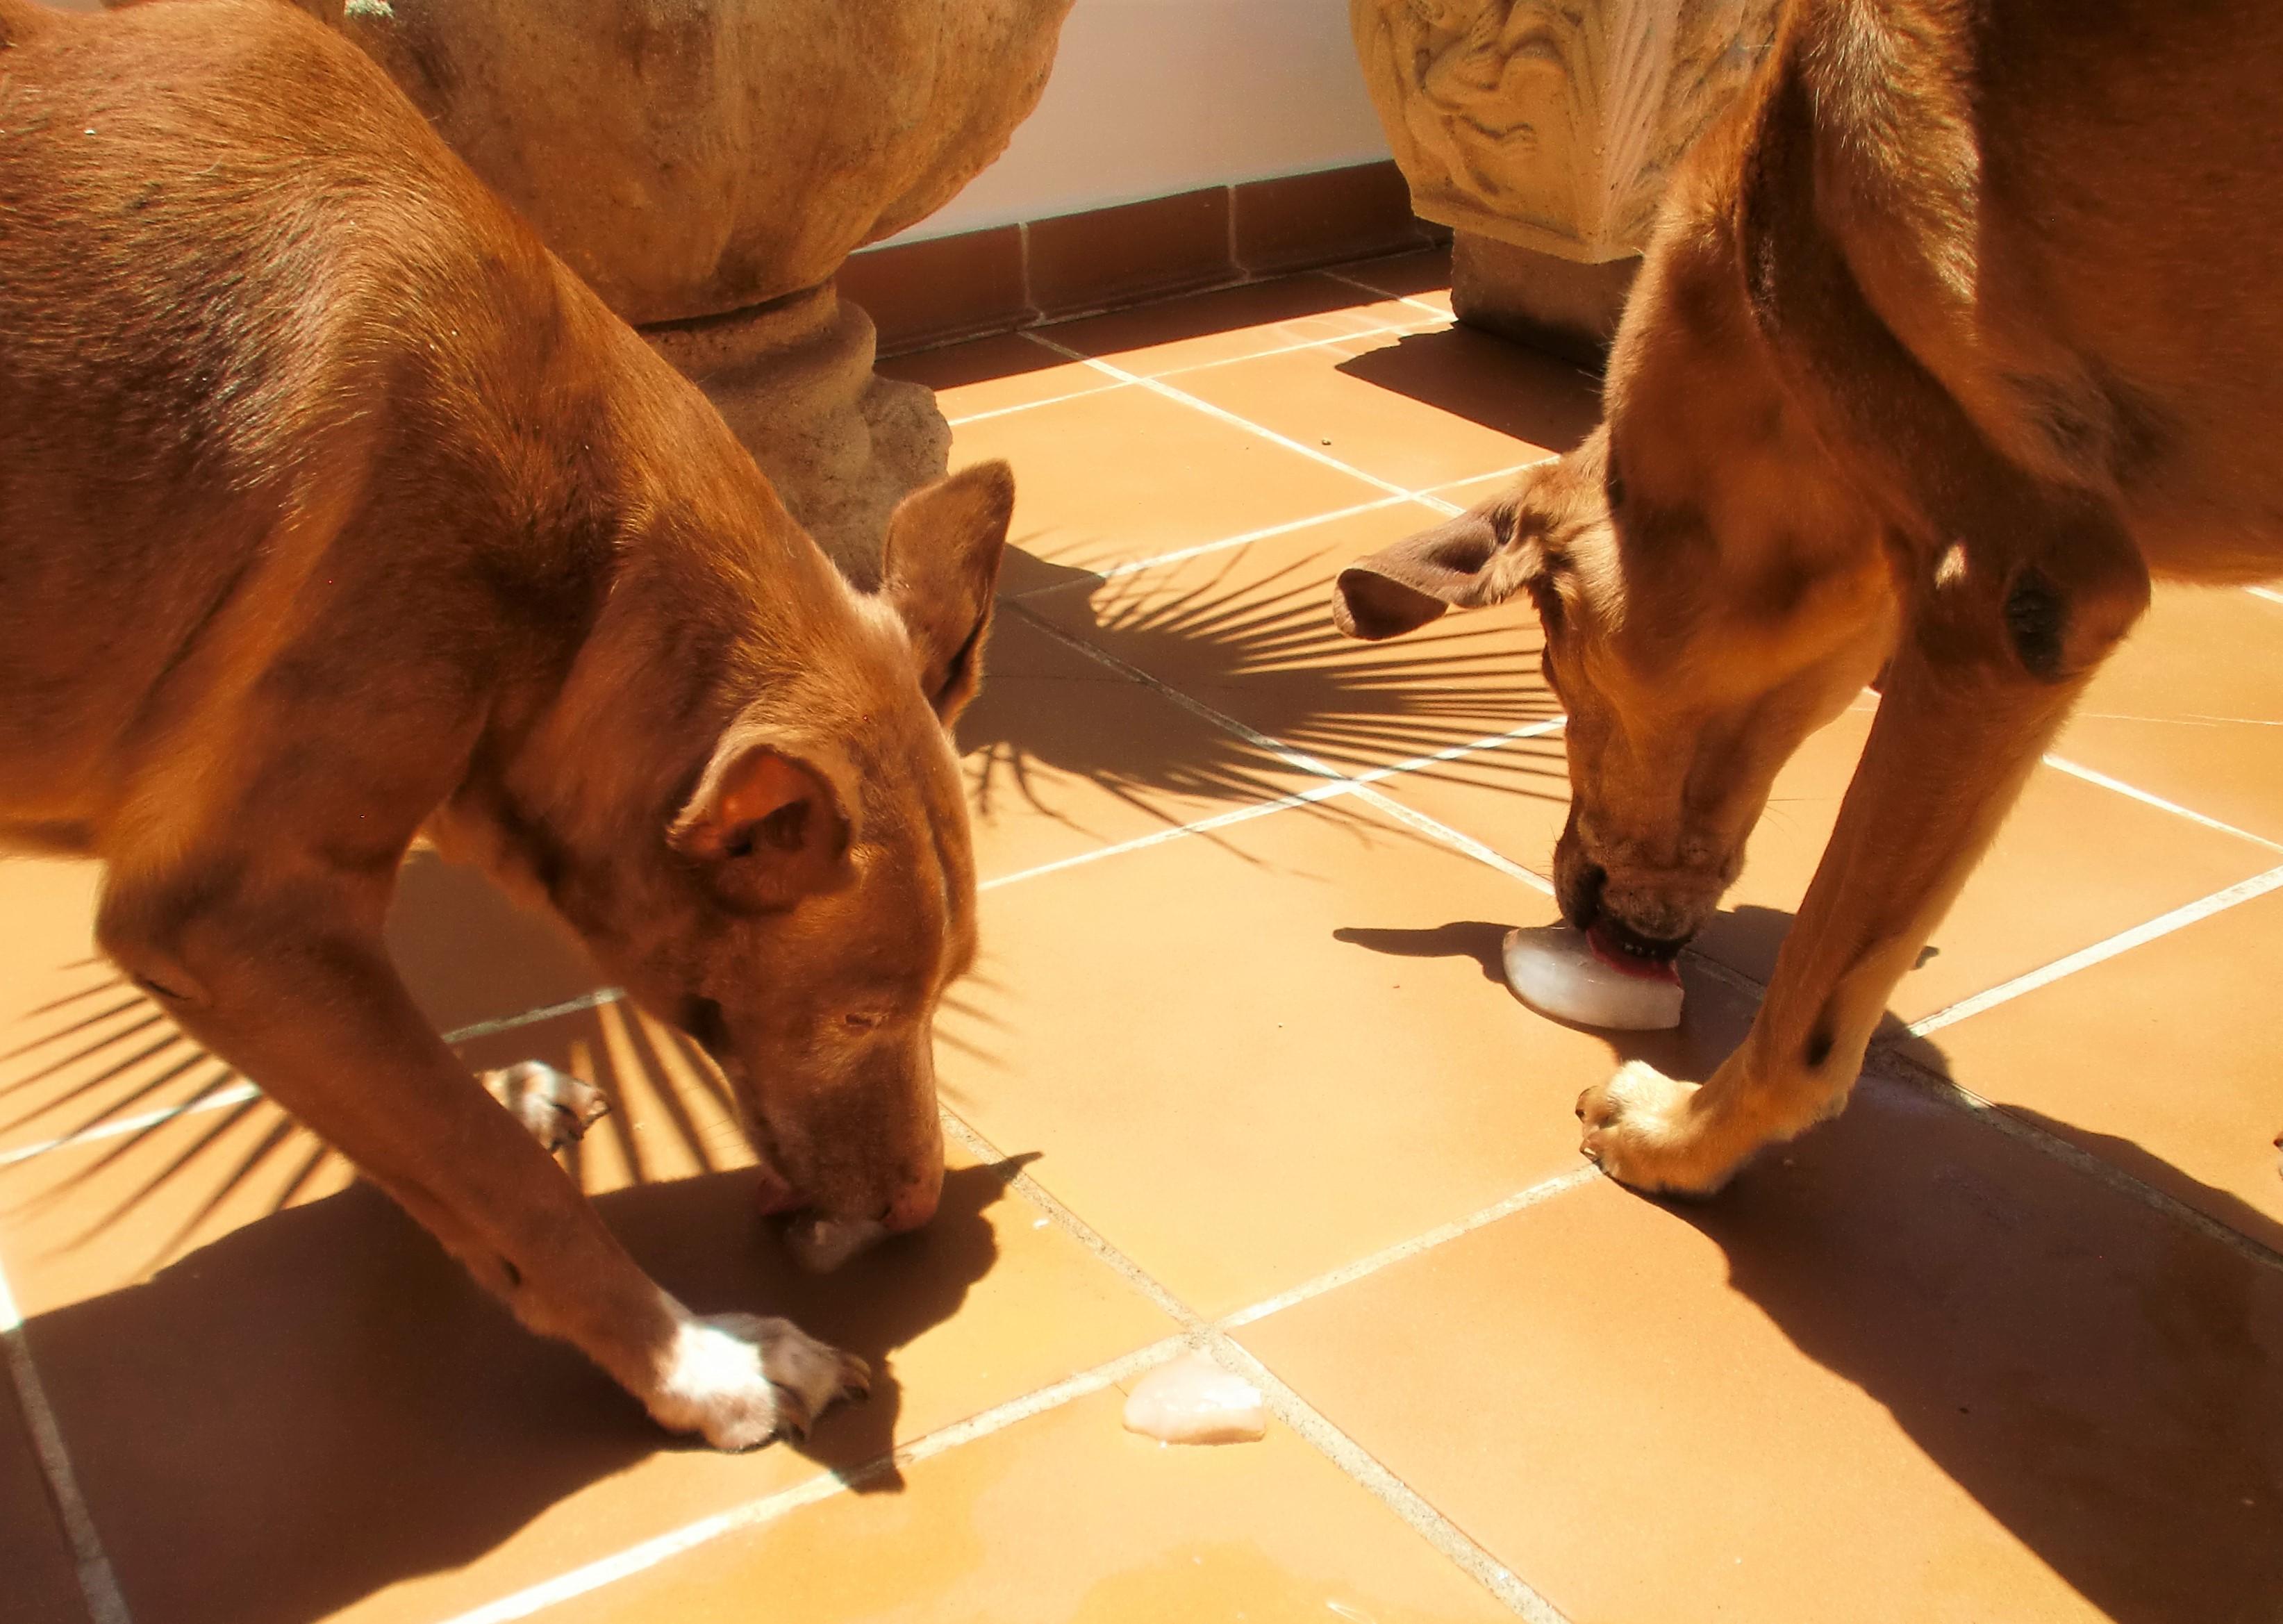 Ayudar Las Perros Superar Y Gatos Olas Para A 7 Ideas De Nuestros 67bgyvfY